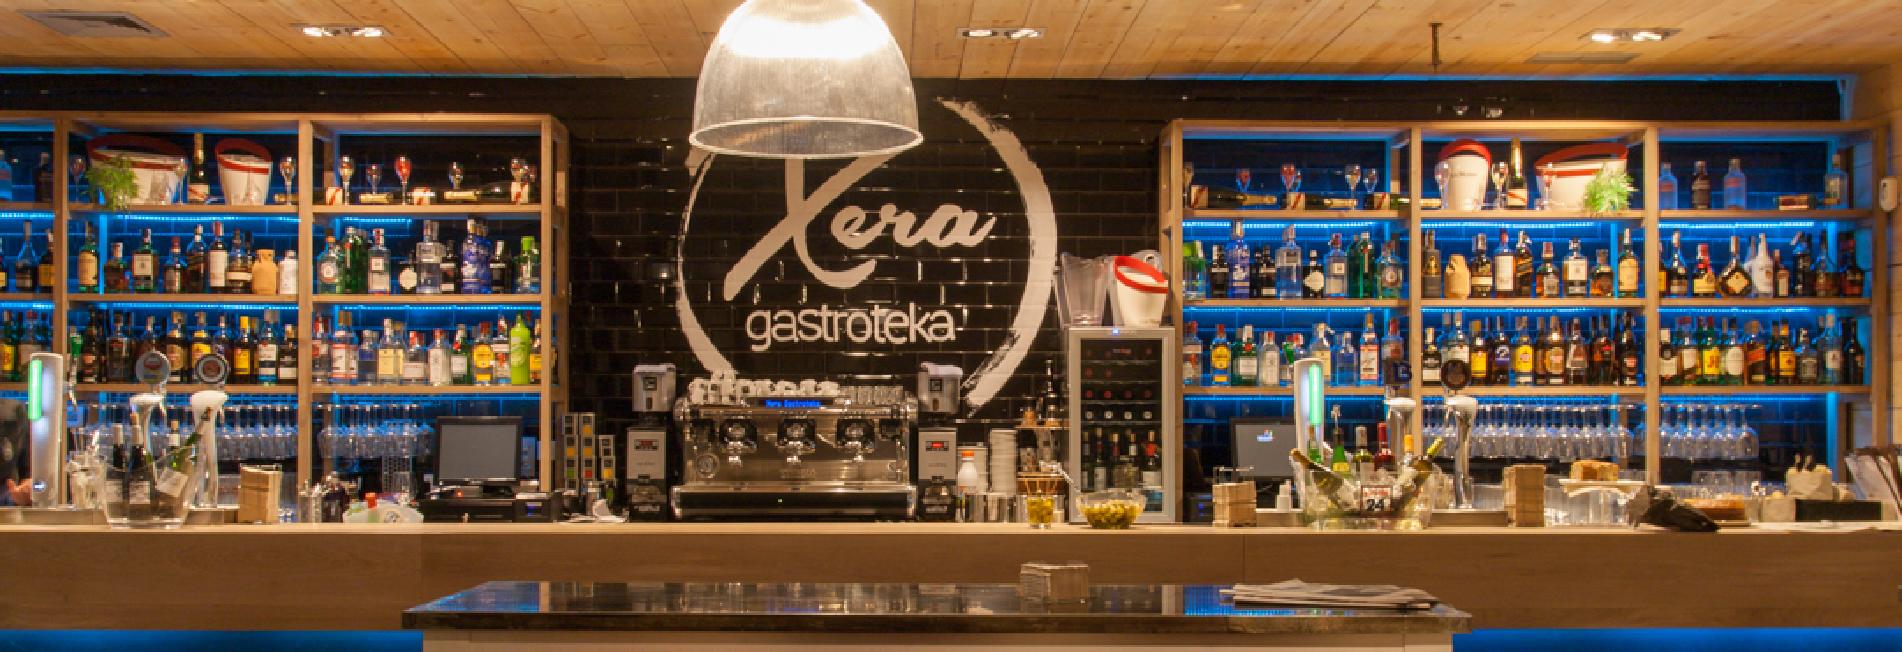 Cianco ha fabricado en hierro y vidrio la decoración interior del bar, cafetería, restaurante Xera Gastroteka